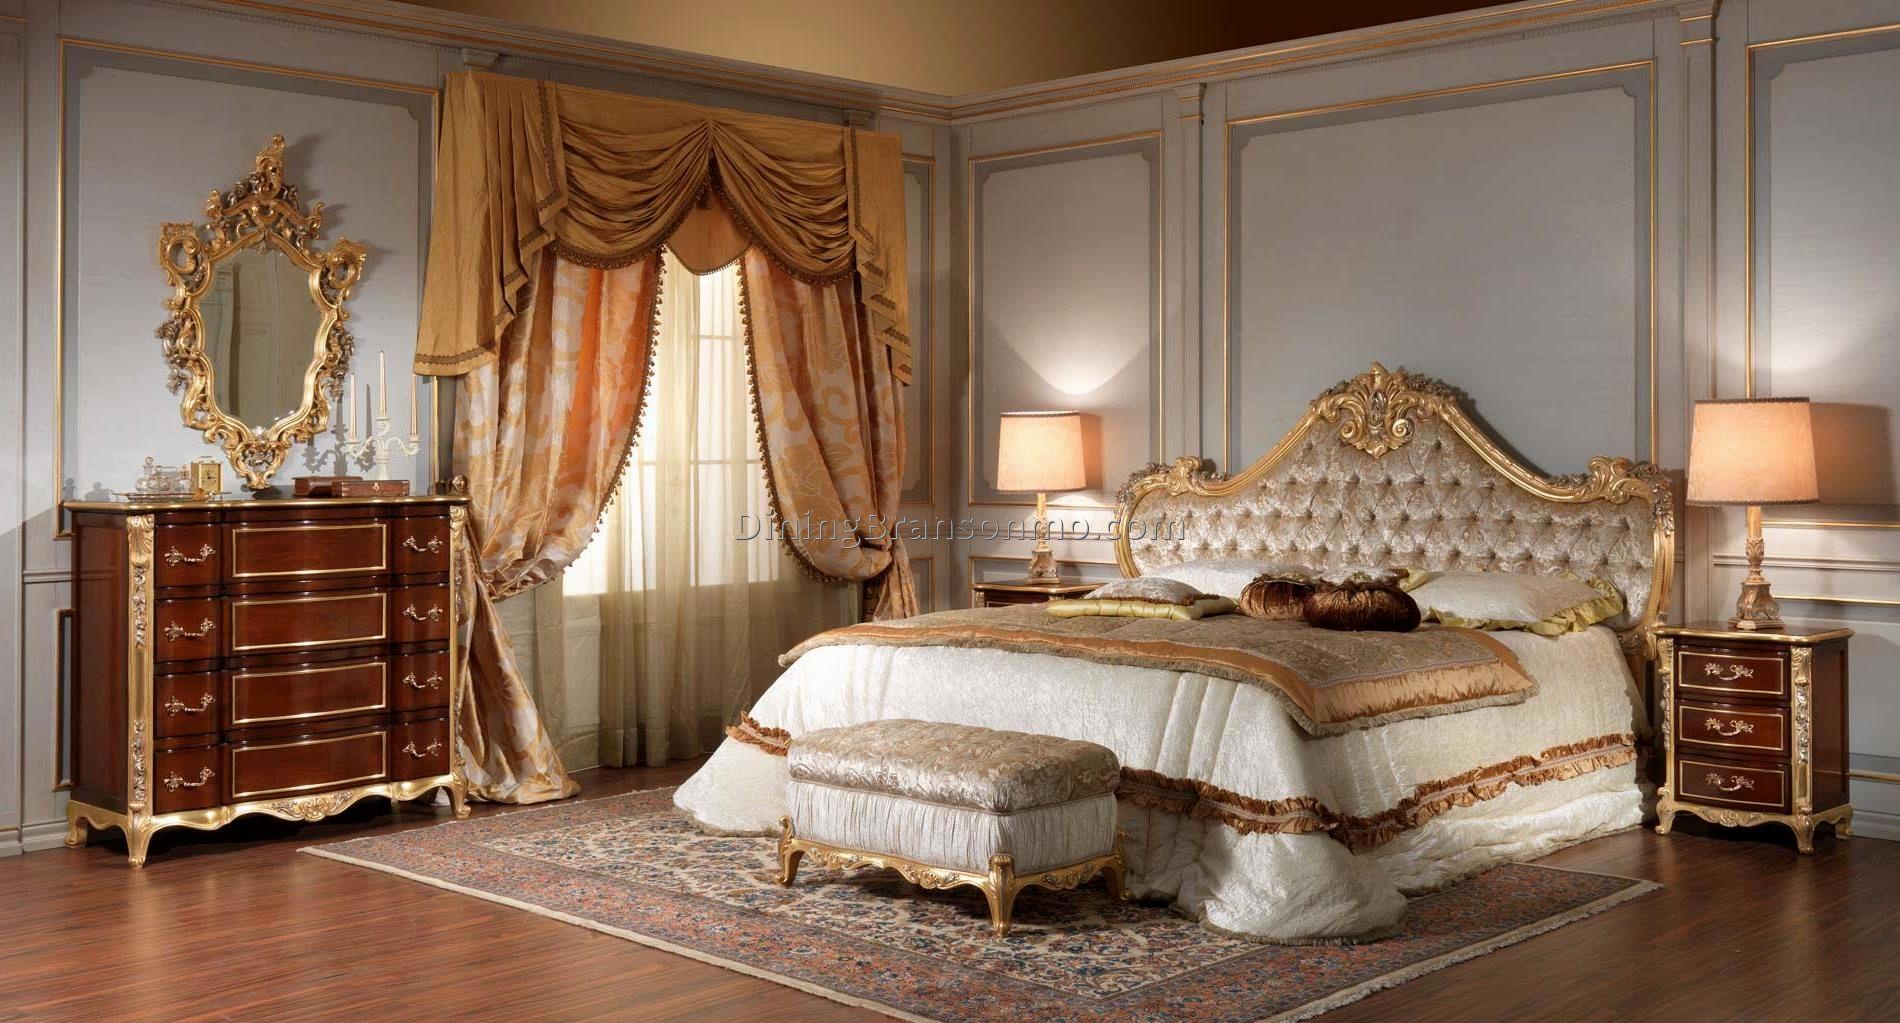 صورة غرف نوم ايطالي , مهمة لدي الجميع